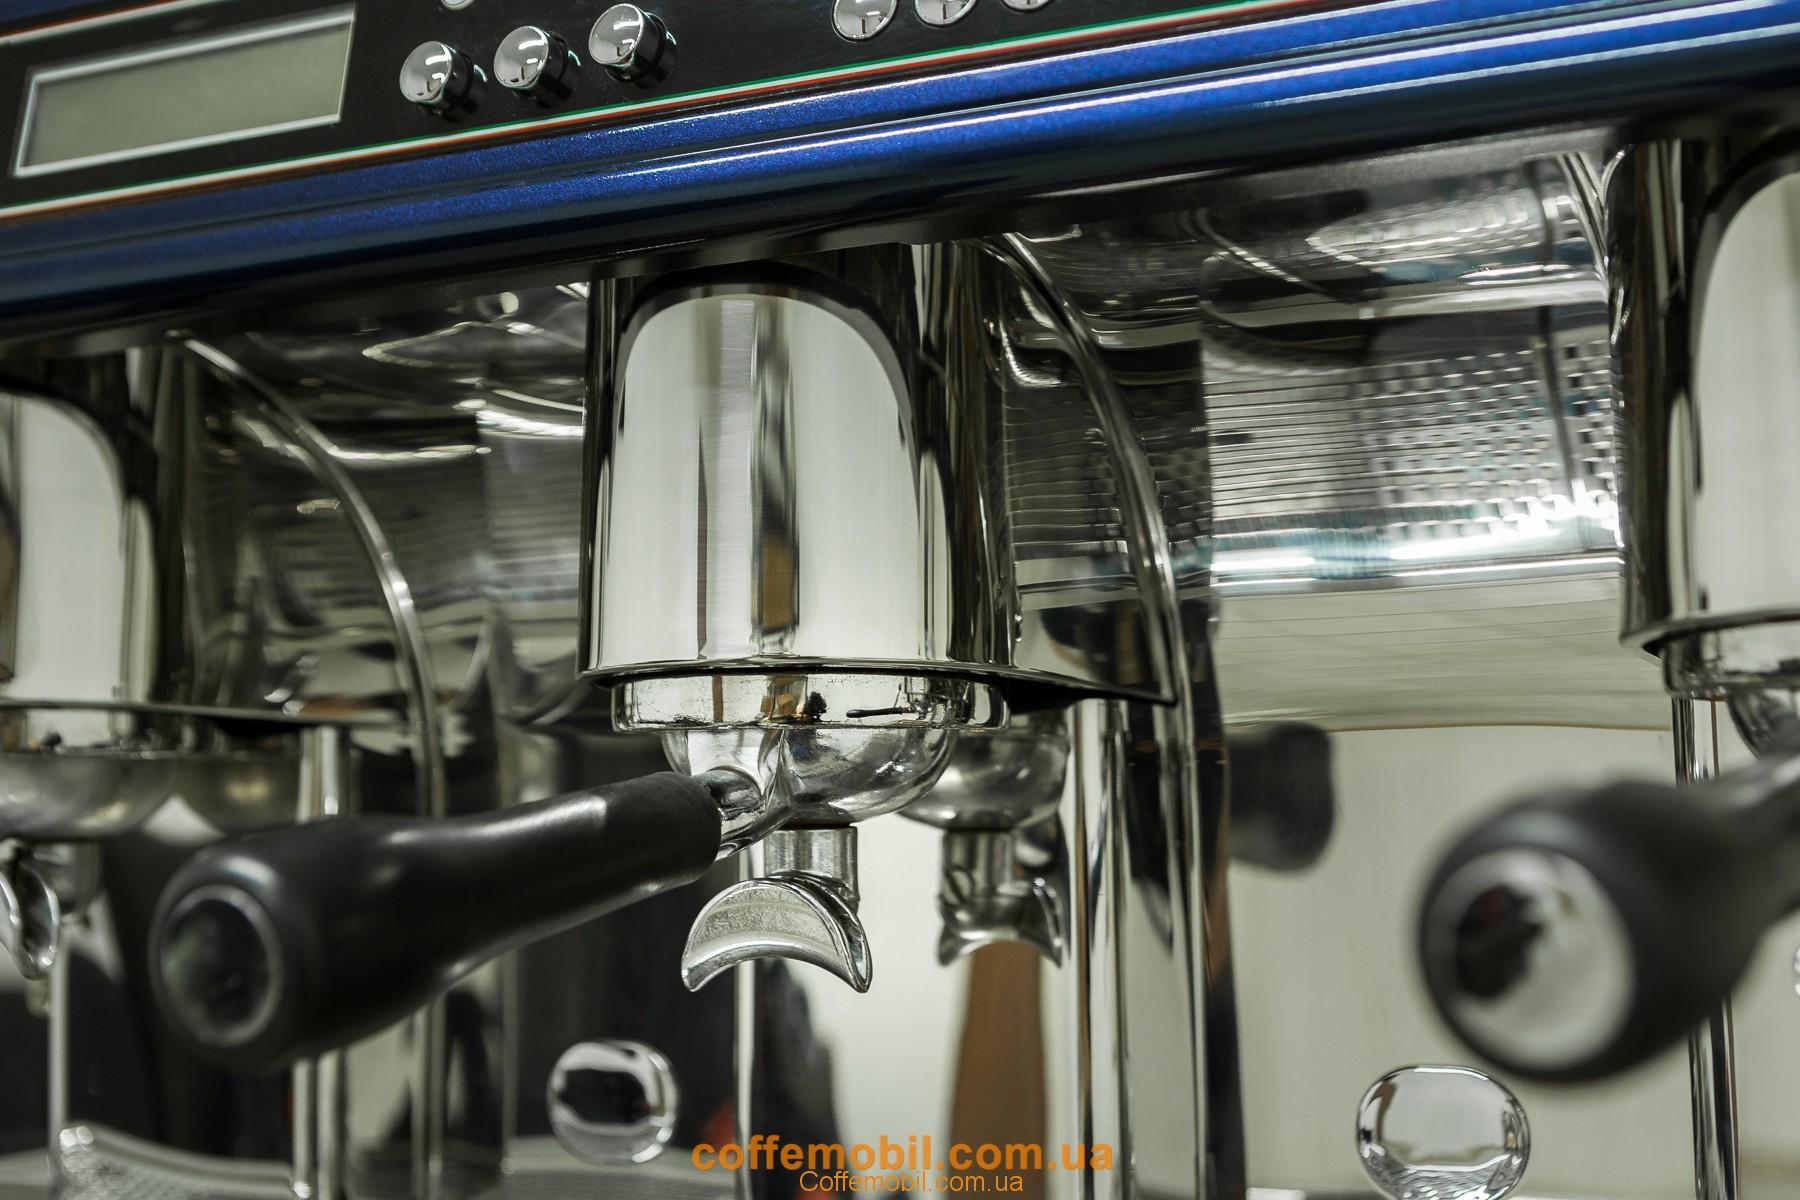 Профессиональная кофемашина Astoria Gloria 3gr От Кофемобиль